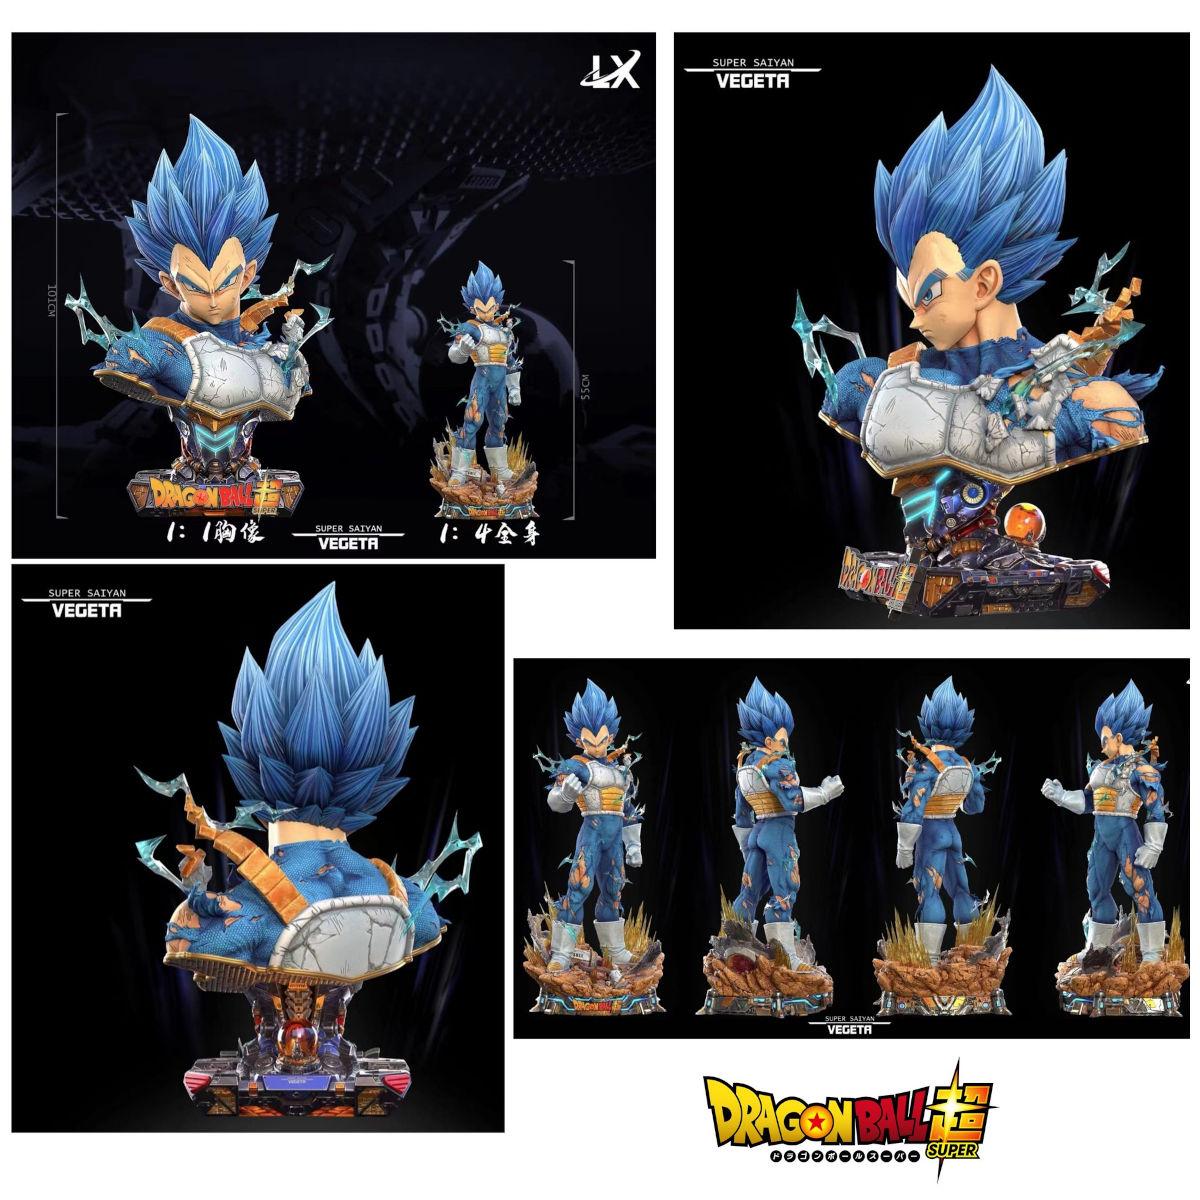 Vegeta de Dragon Ball Z y Super consigue nuevo busto y figura